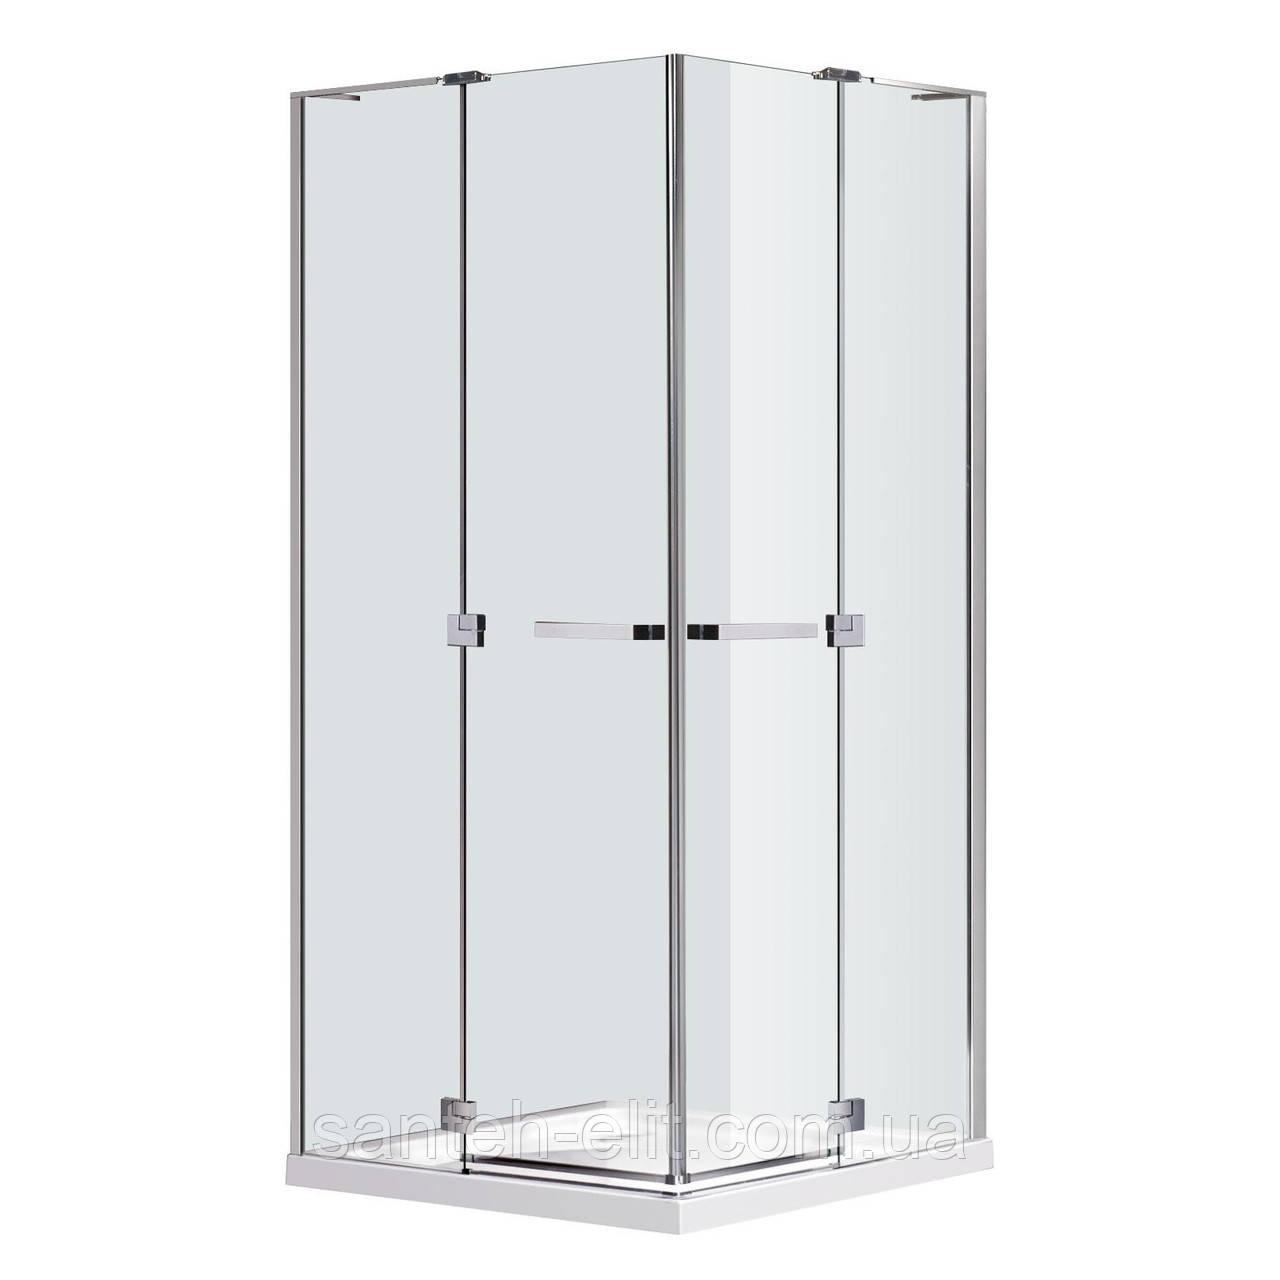 Eger RUBIK душевая кабина 90x90 квадратная, распашные двери, стекло прозрачное 8мм (599-333/1)